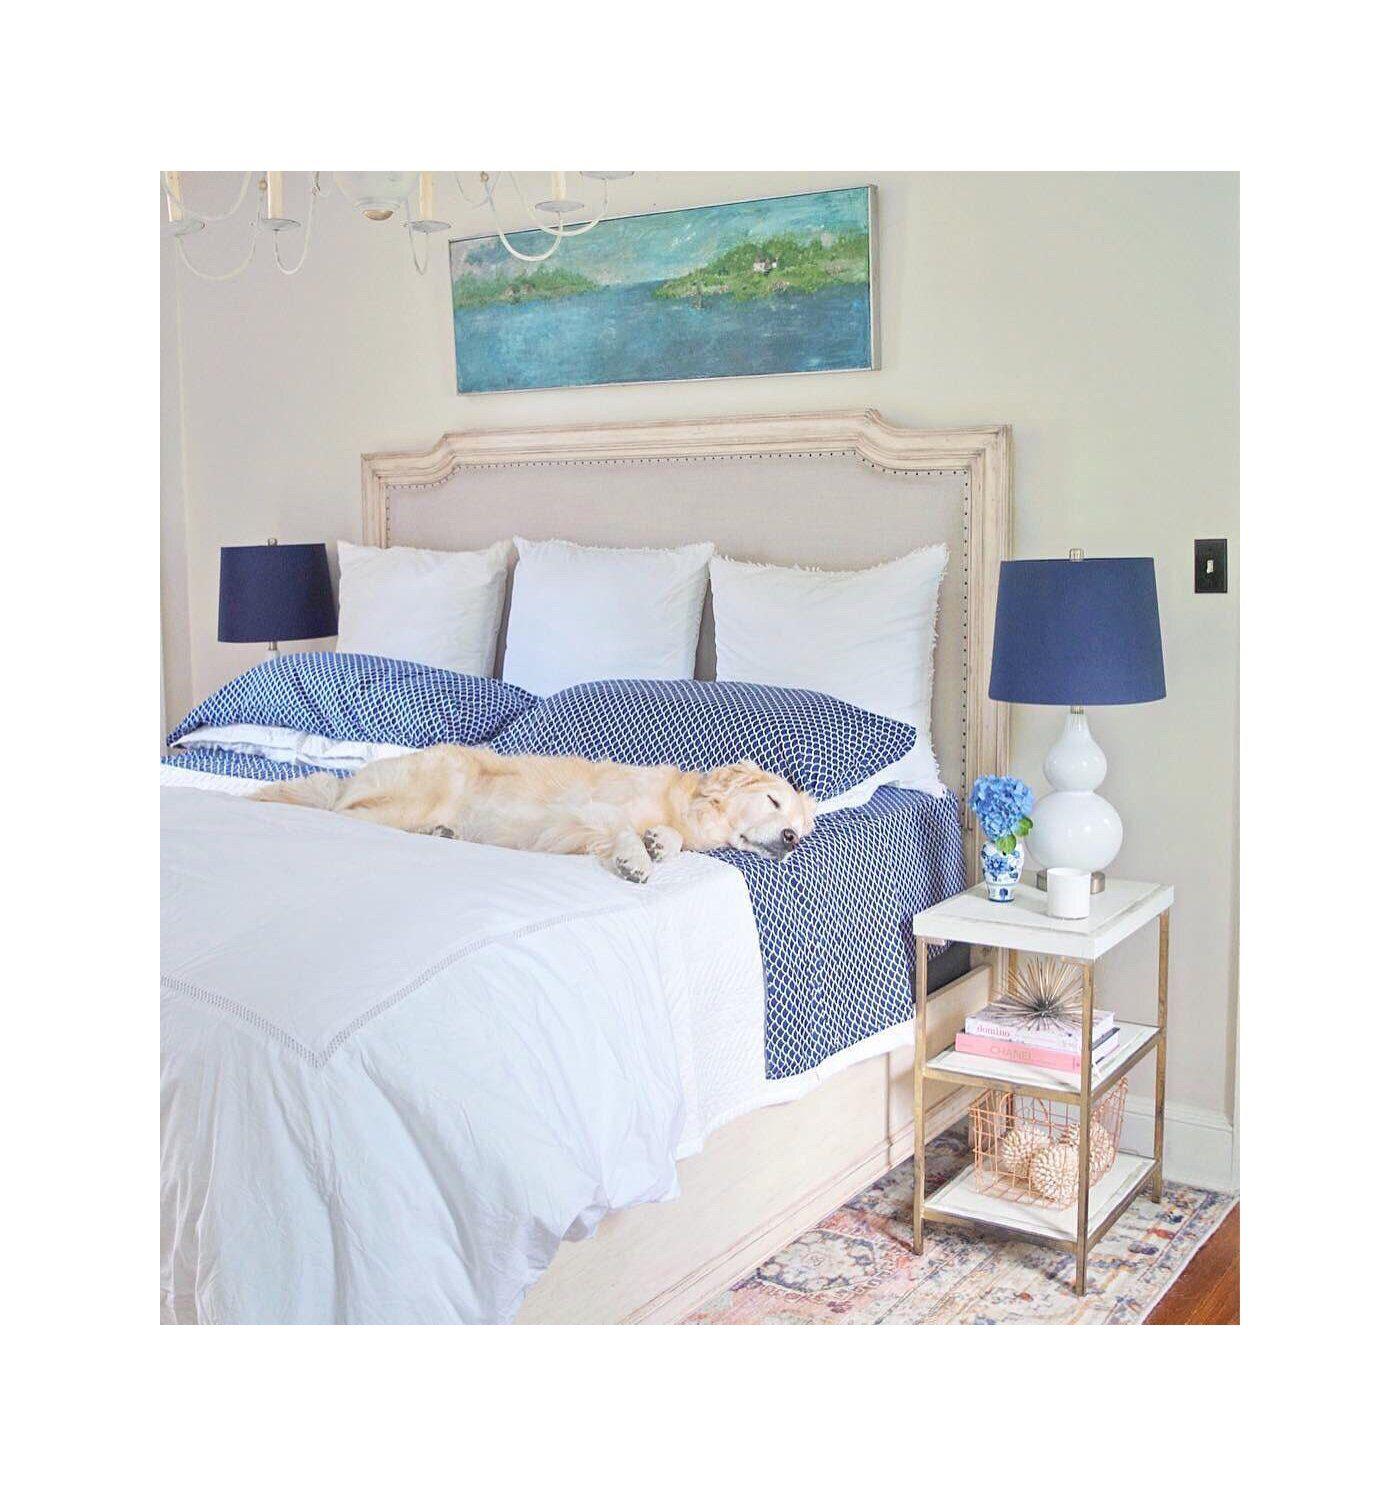 Brierley Upholstered Standard Bed & Reviews Joss & Main